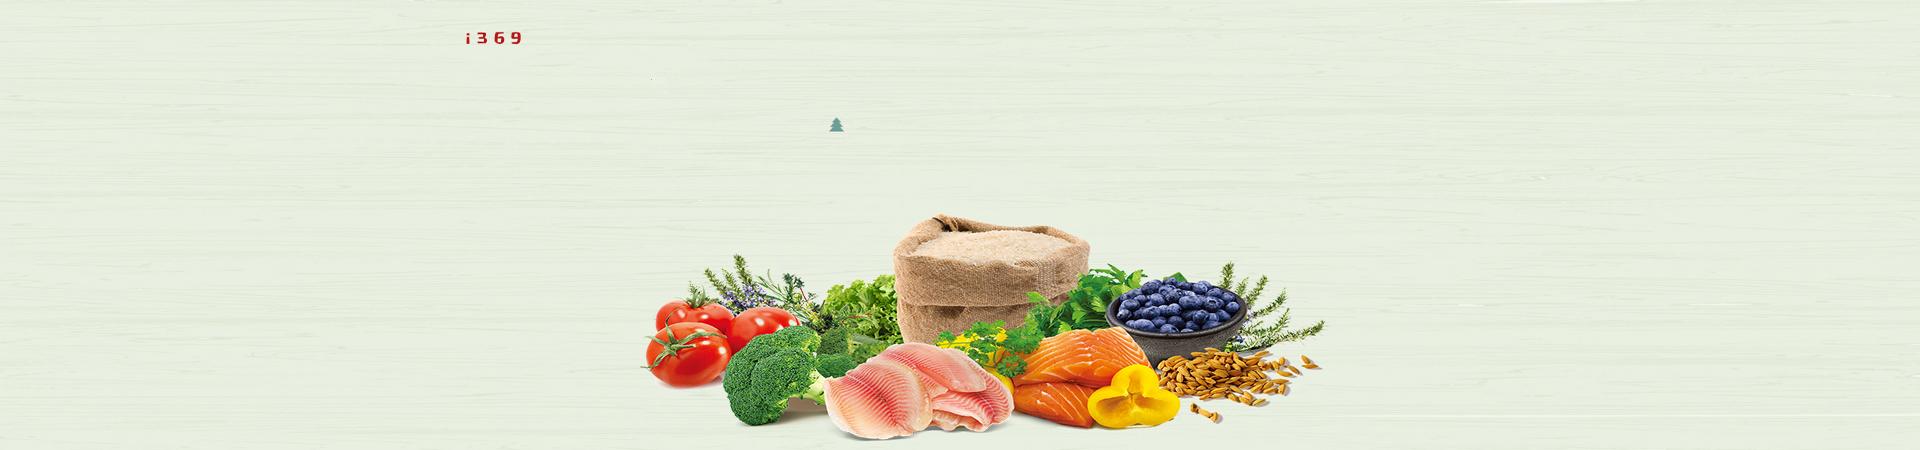 肥东皖岭农副产品